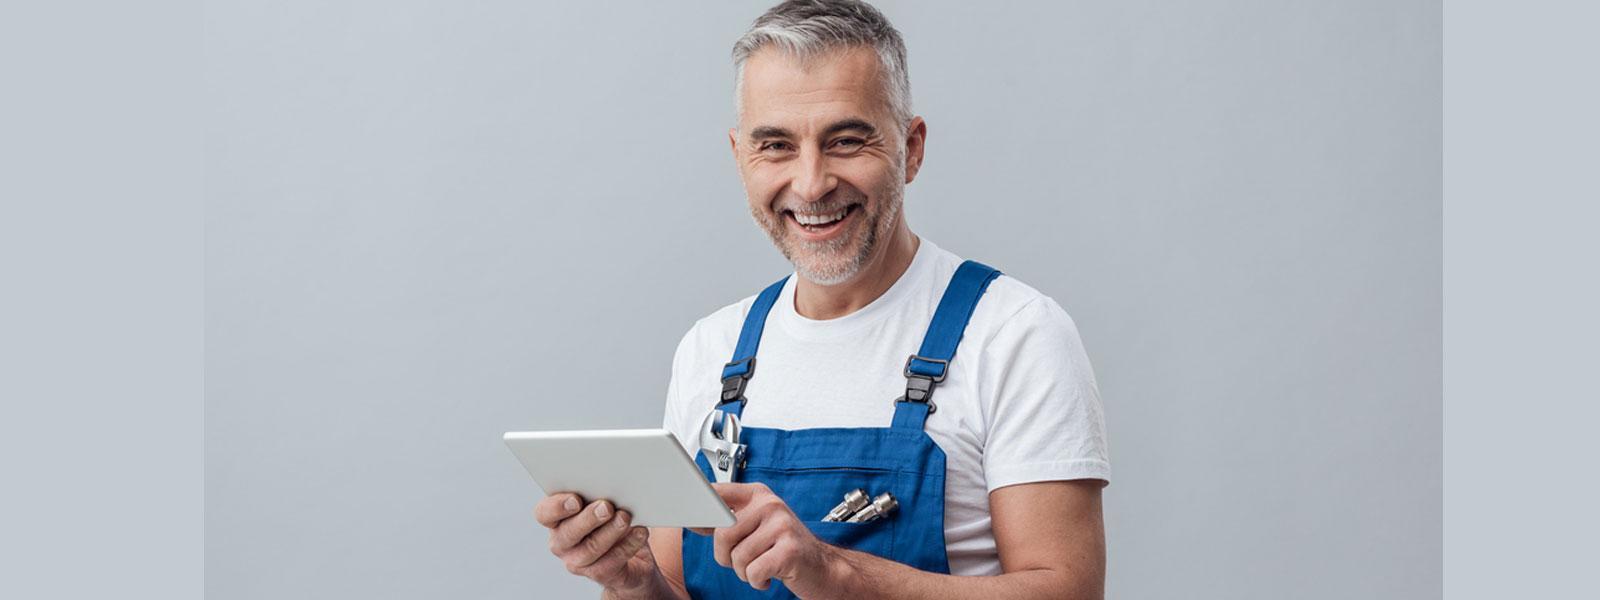 Plumber on an iPad